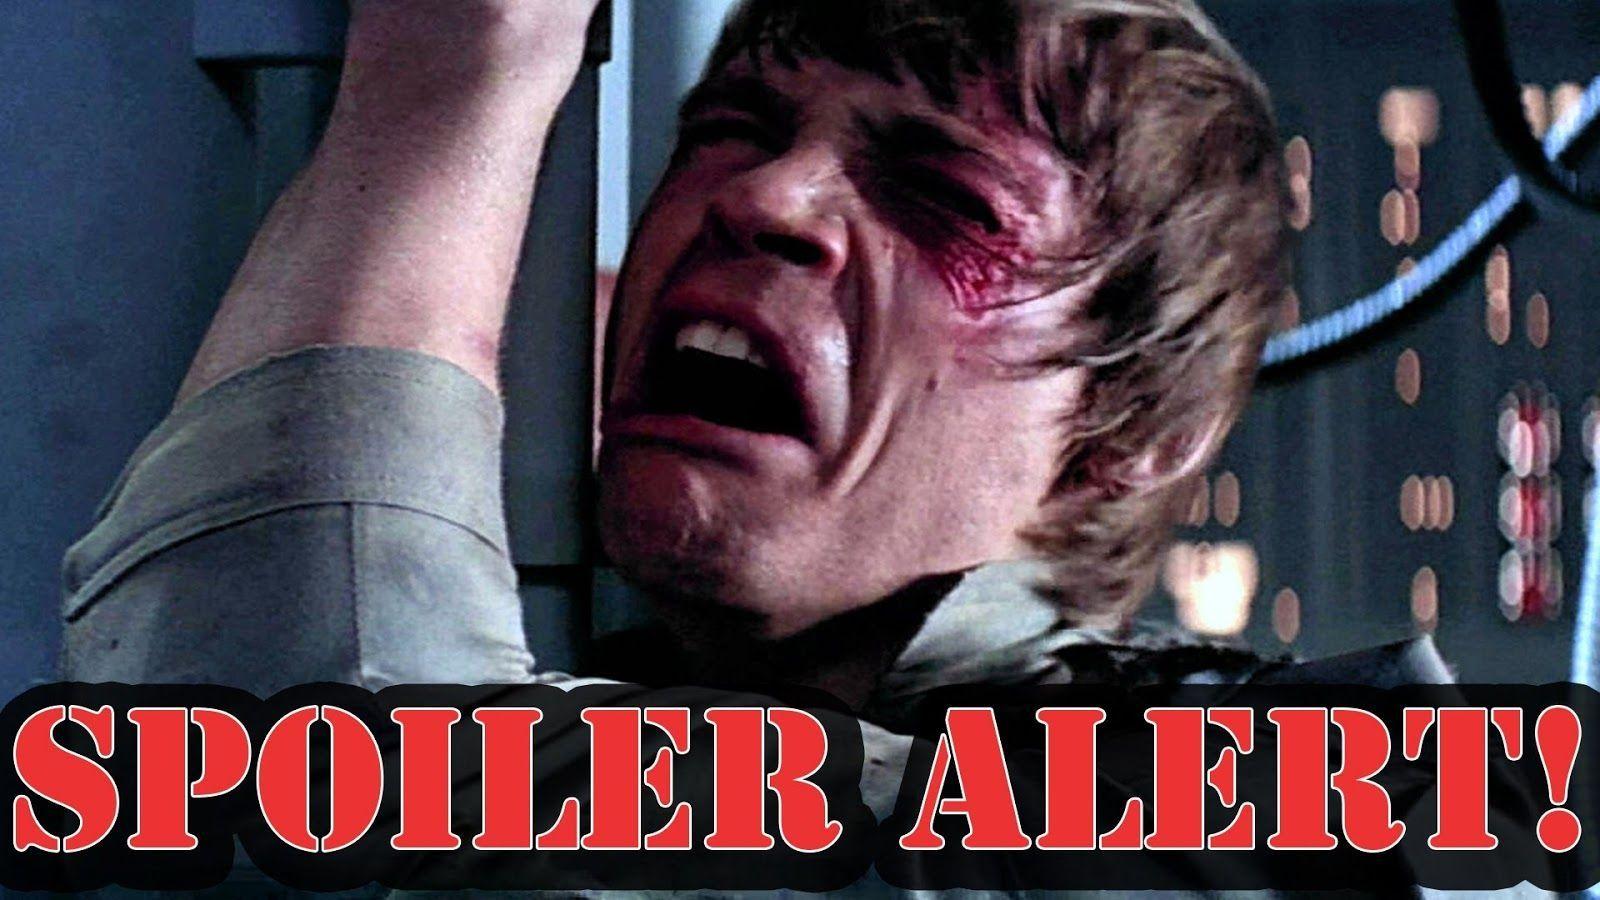 [SPOILERS] ¿Eres consciente de que esta encuesta contiene SPOILERS de la nueva película de Star Wars?